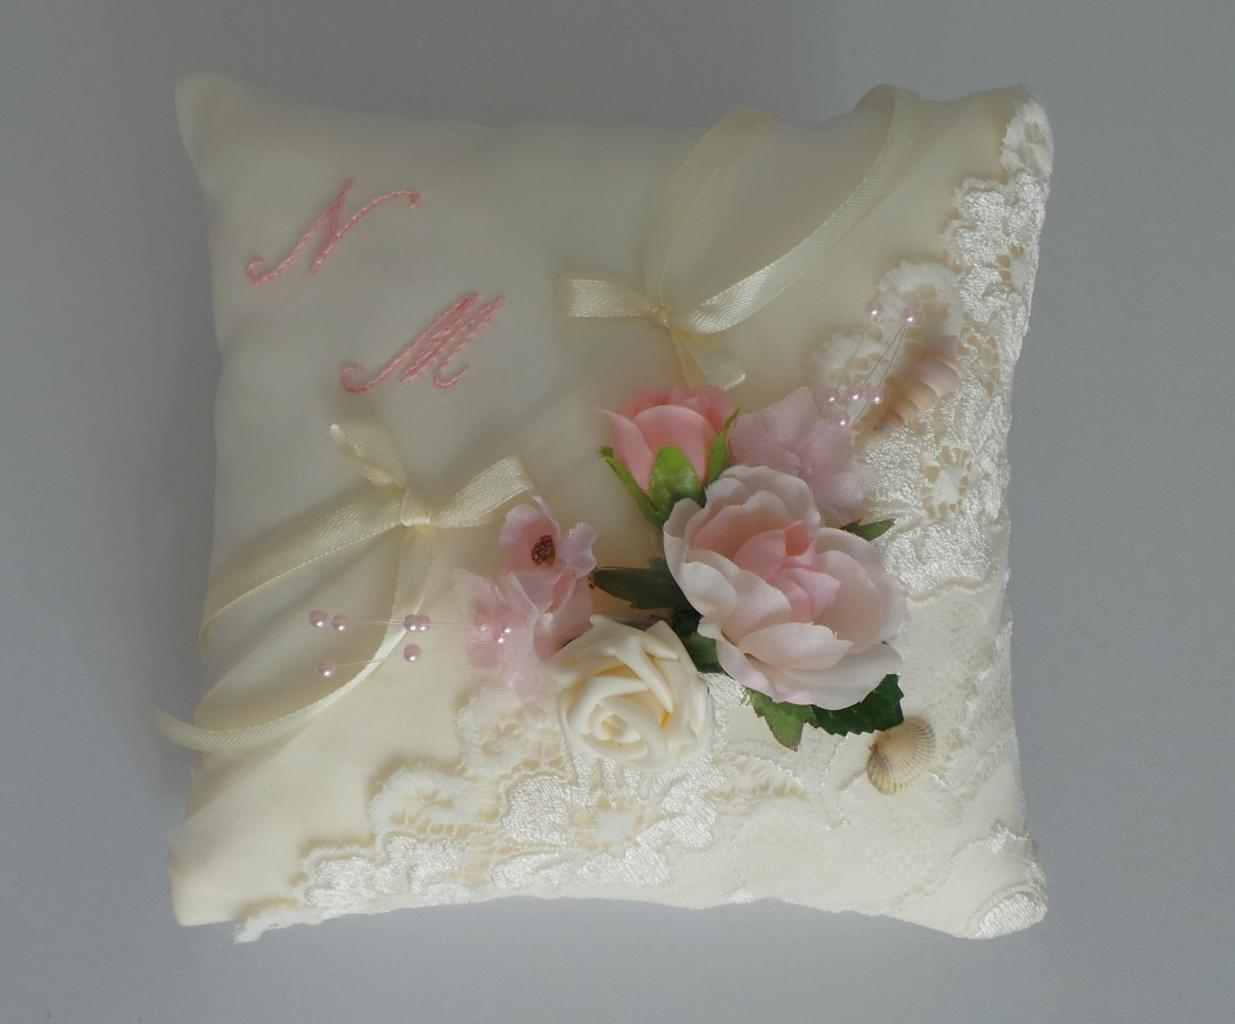 Coussin porte alliance de mariage dentelle ivoire et fleurs roses